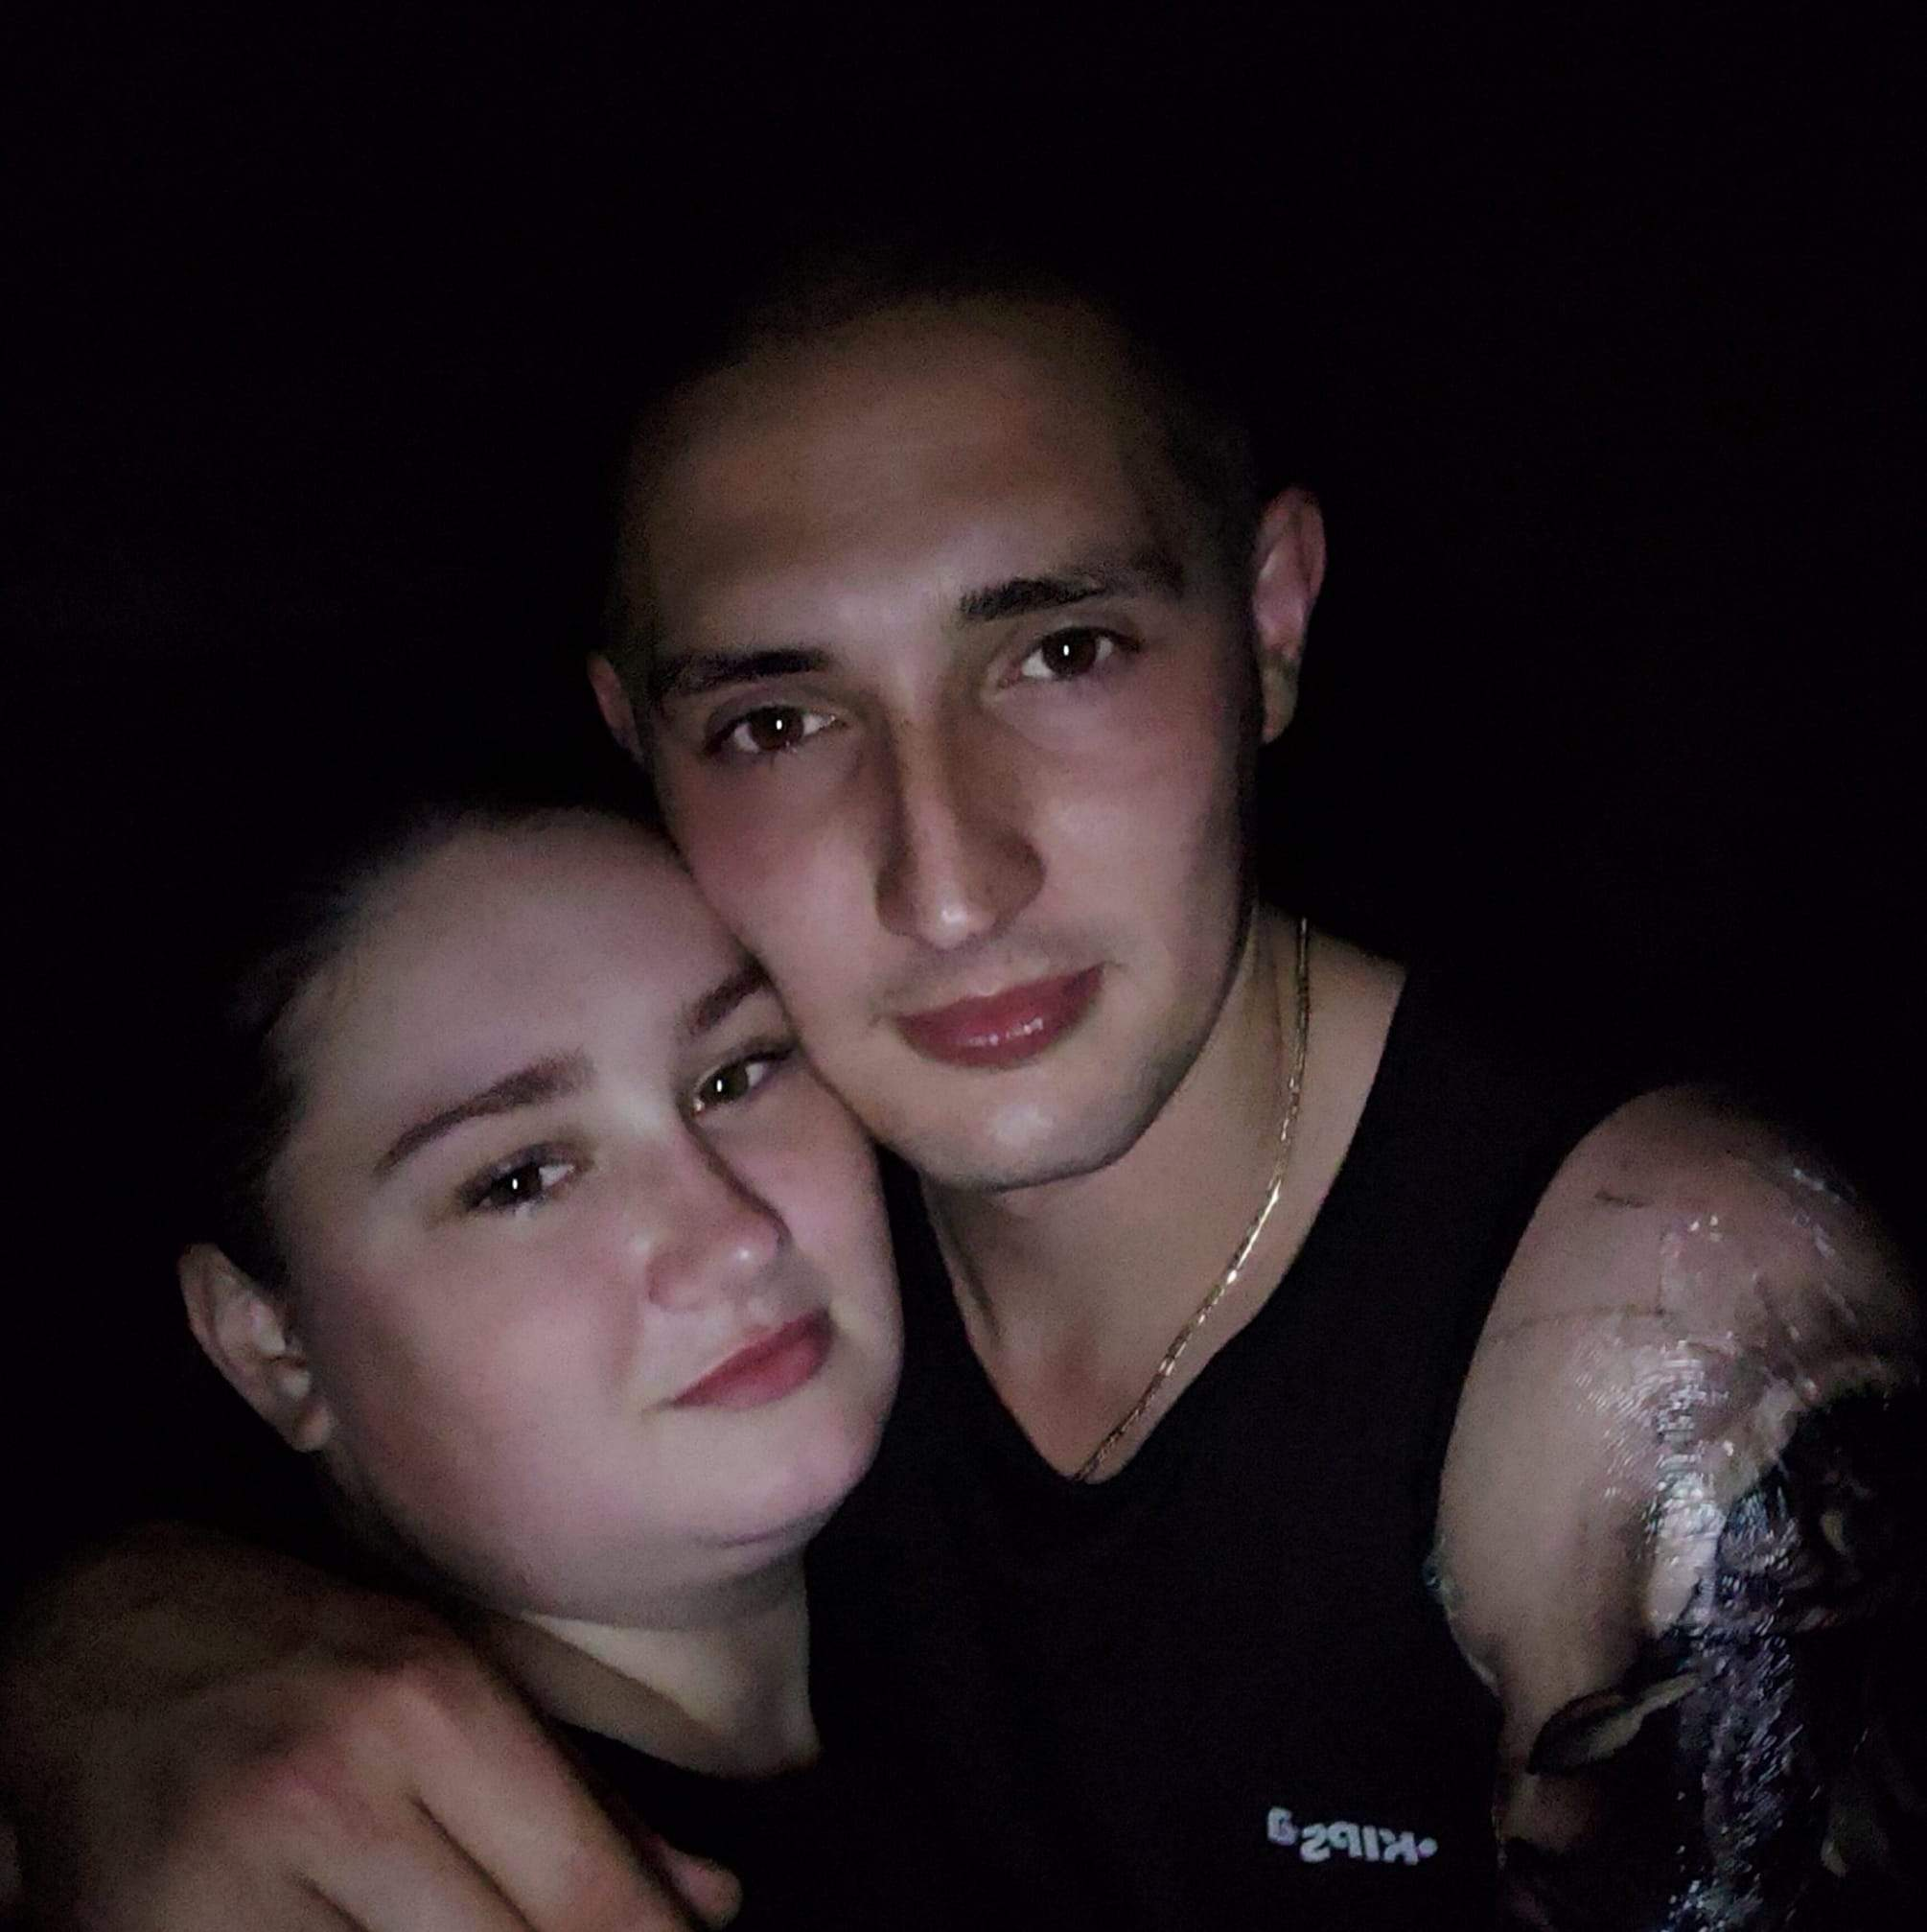 ангеліна омельченко та її ймовірний вбивця